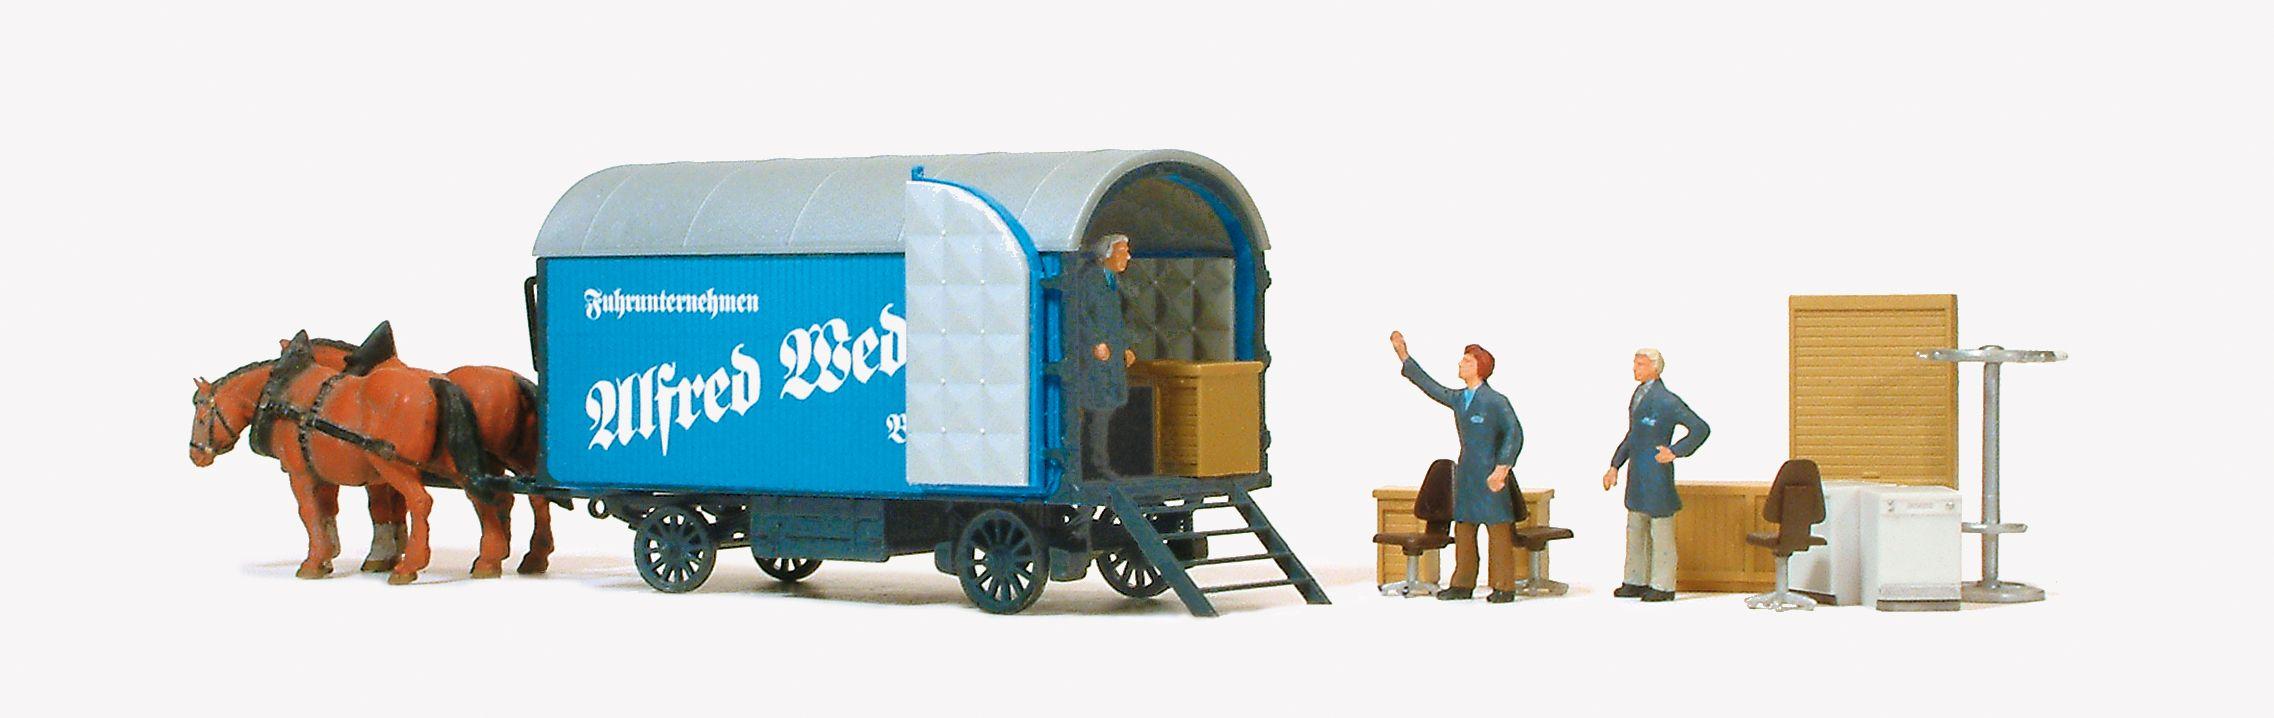 1:87 Möbelwagen Spedition A.Wedlich mit 2 Pferden, Figuren + Möbeln, Fertigmodell - Preiser 30494  | günstig bestellen bei Modelleisenbahn Center  MCS Vertriebs GmbH